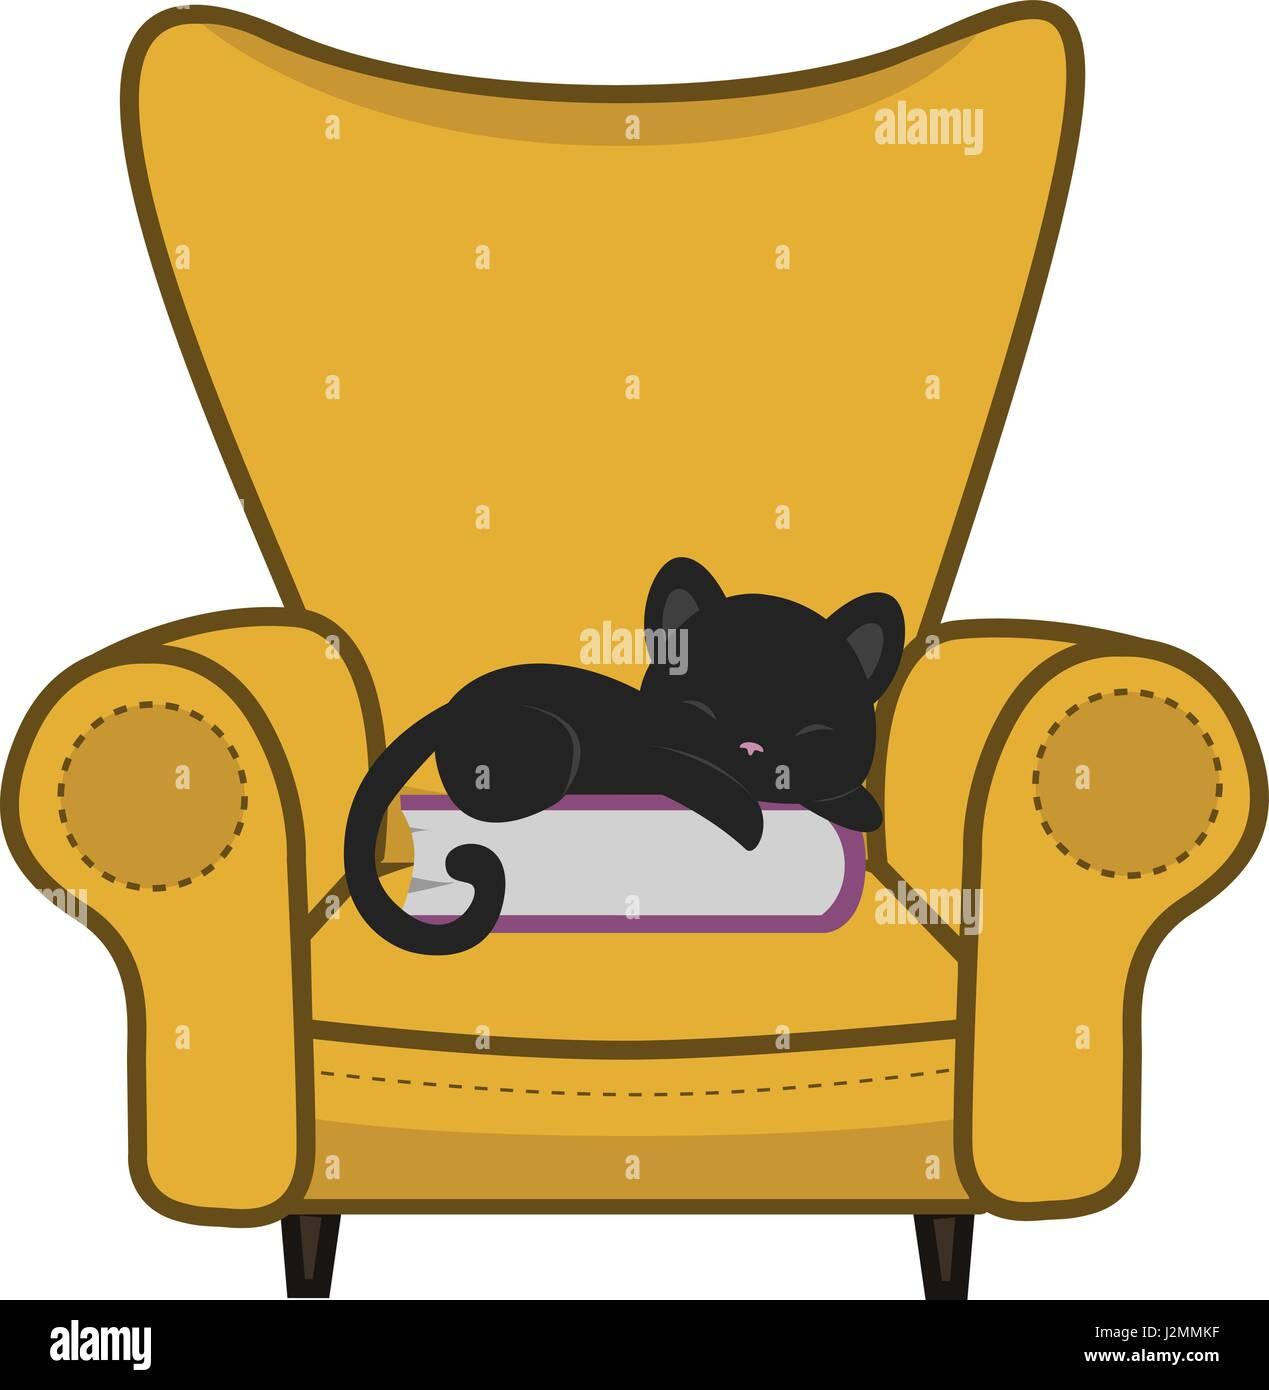 Cat Armchair Stock Photos & Cat Armchair Stock Images - Alamy